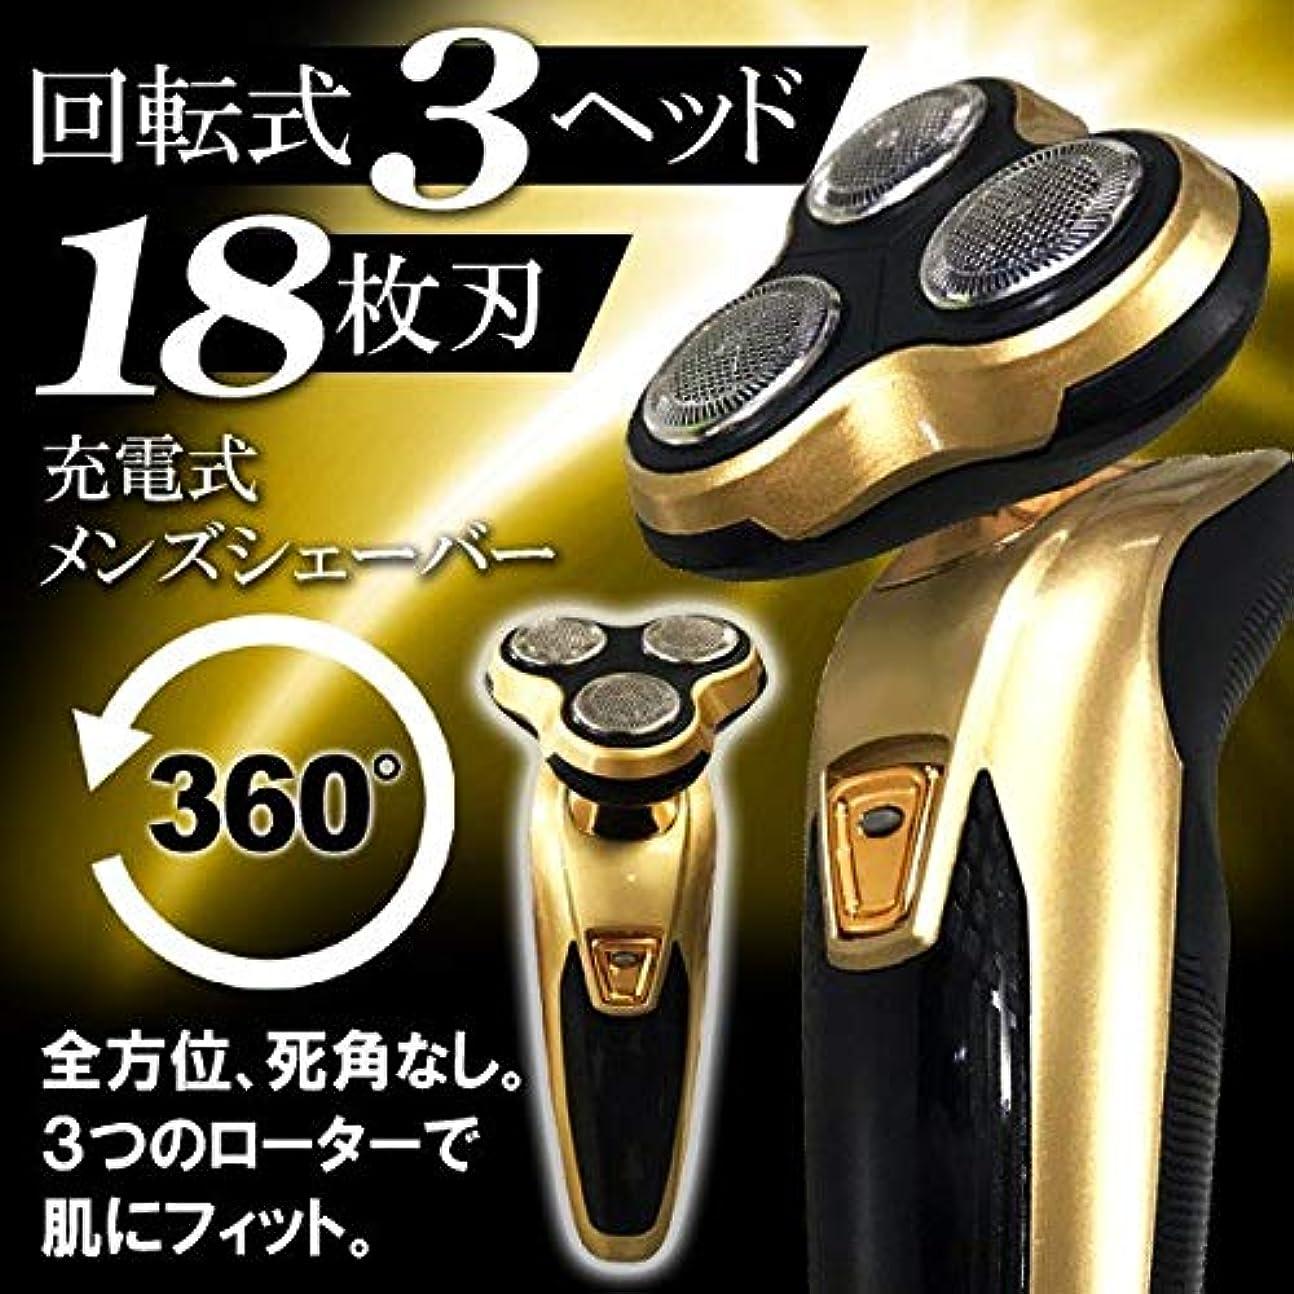 展示会スクリーチ葉巻YEP 電気シェーバー 3ヘッド搭載 充電式 メンズシェーバー 3in1 髭剃り 鼻毛カッター グルーミングヘッド